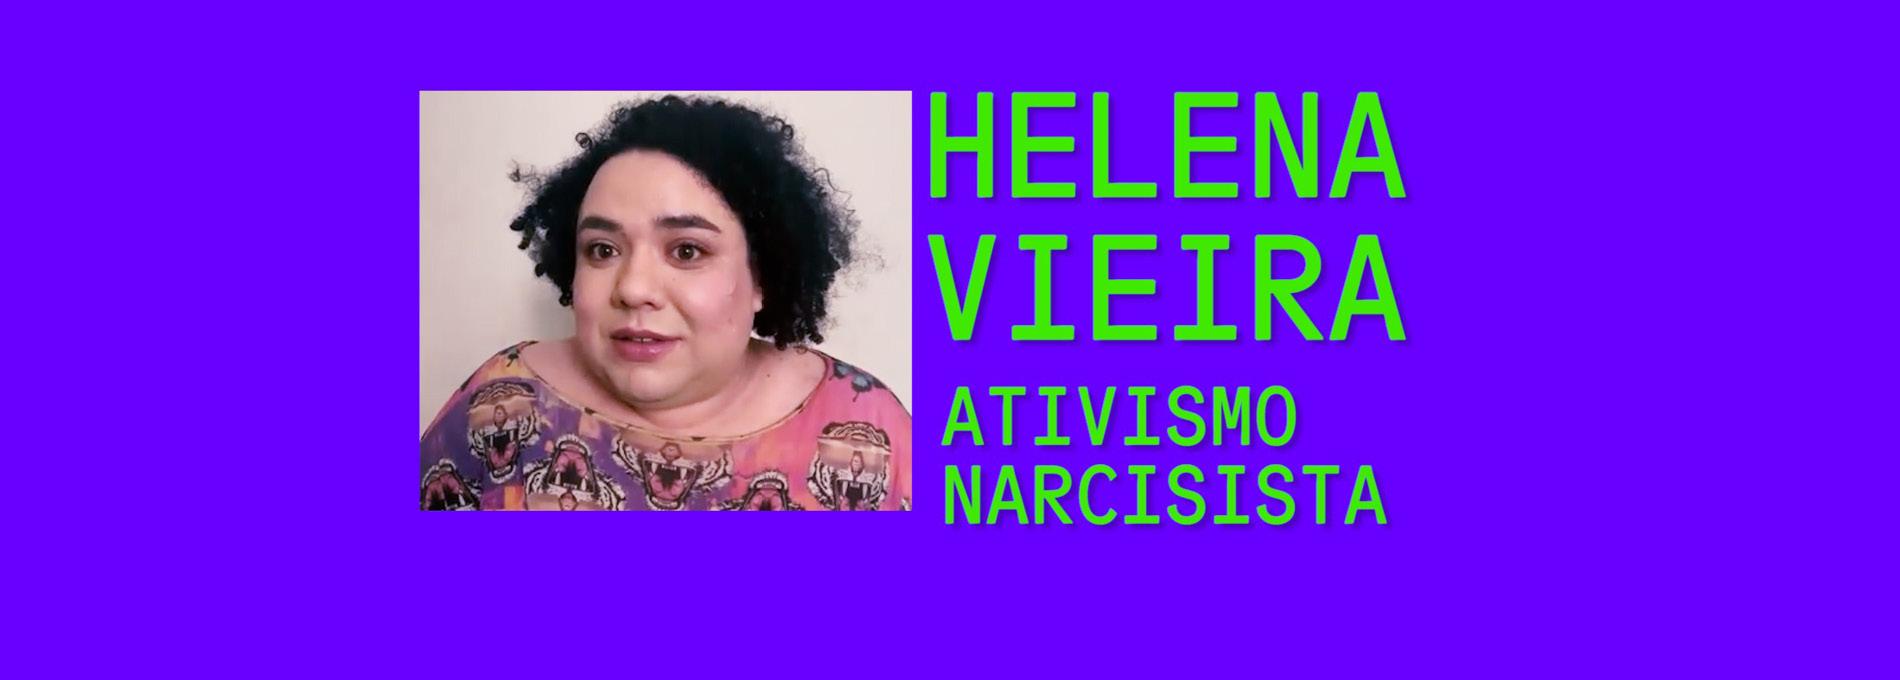 O que é ativismo narcisista?